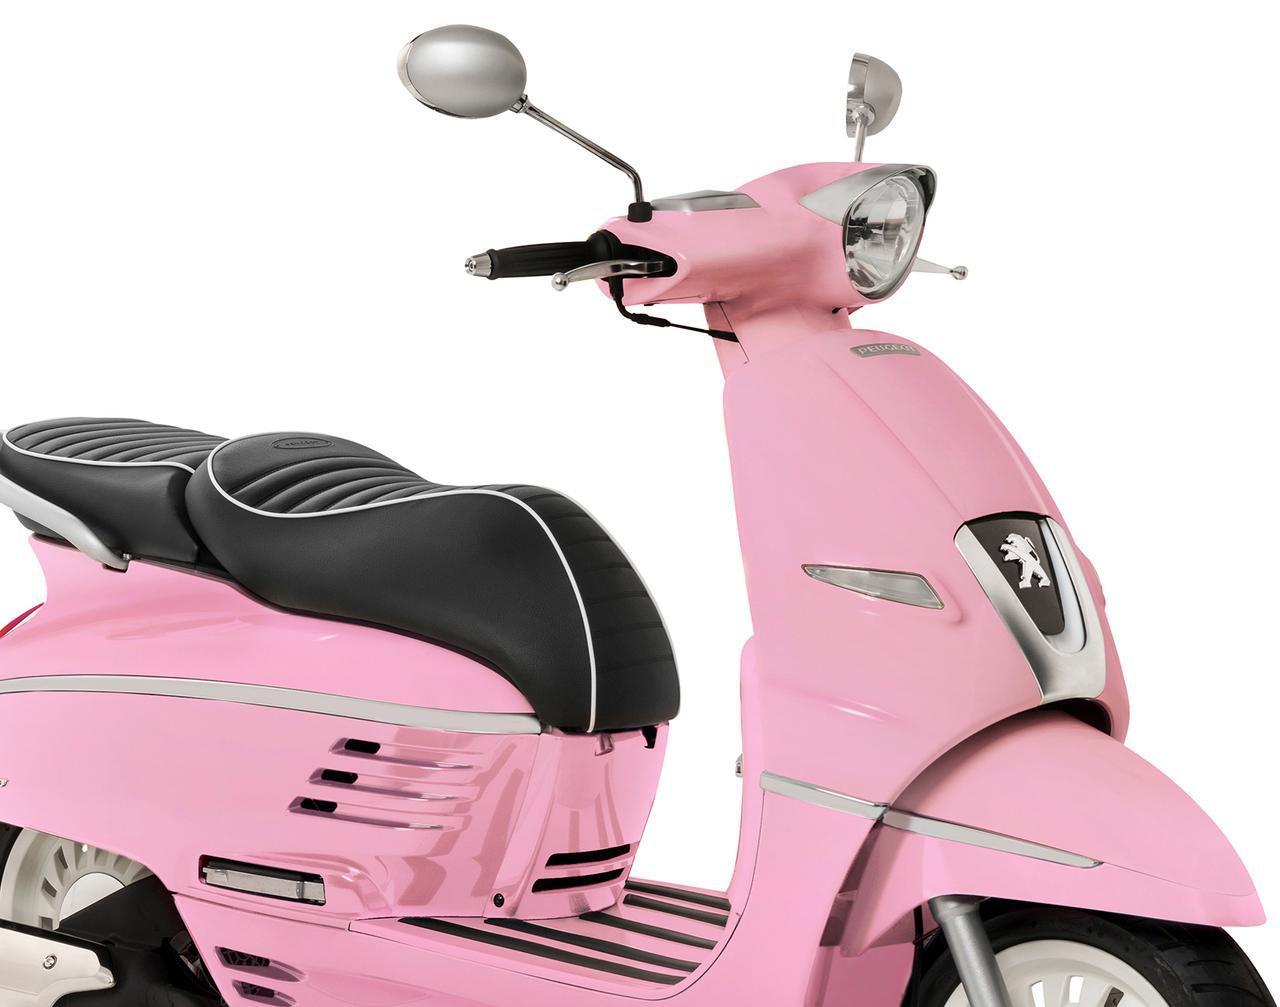 画像: 【ネオレトロスクーター】プジョー「ジャンゴ125 ABS」発売開始! - webオートバイ